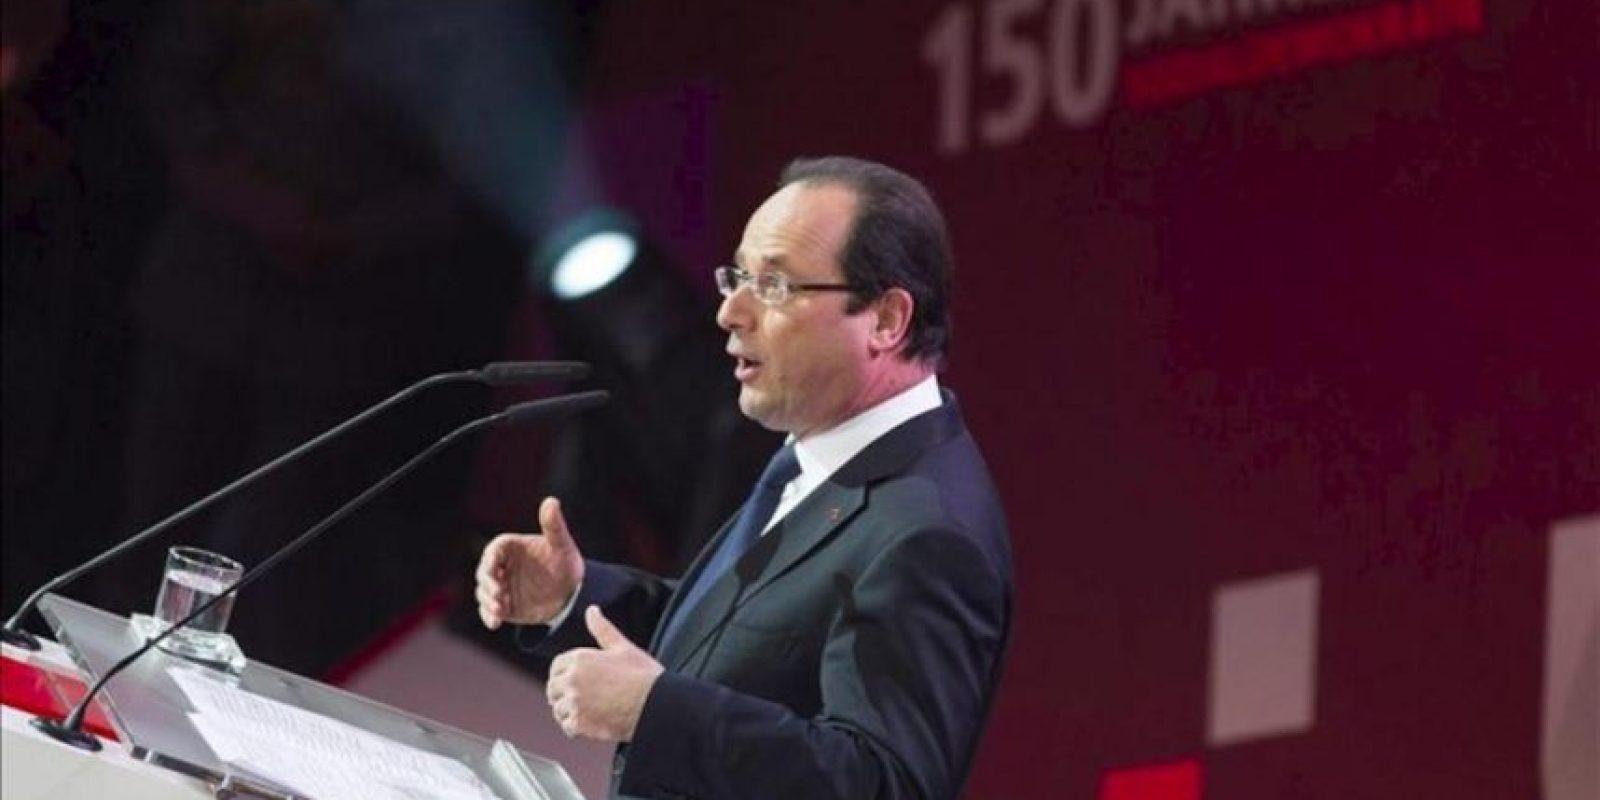 El presidente francés François Hollande pronuncia su discurso durante la celebración del 150 aniversario del SPD en Leipzig (Alemania). EFE